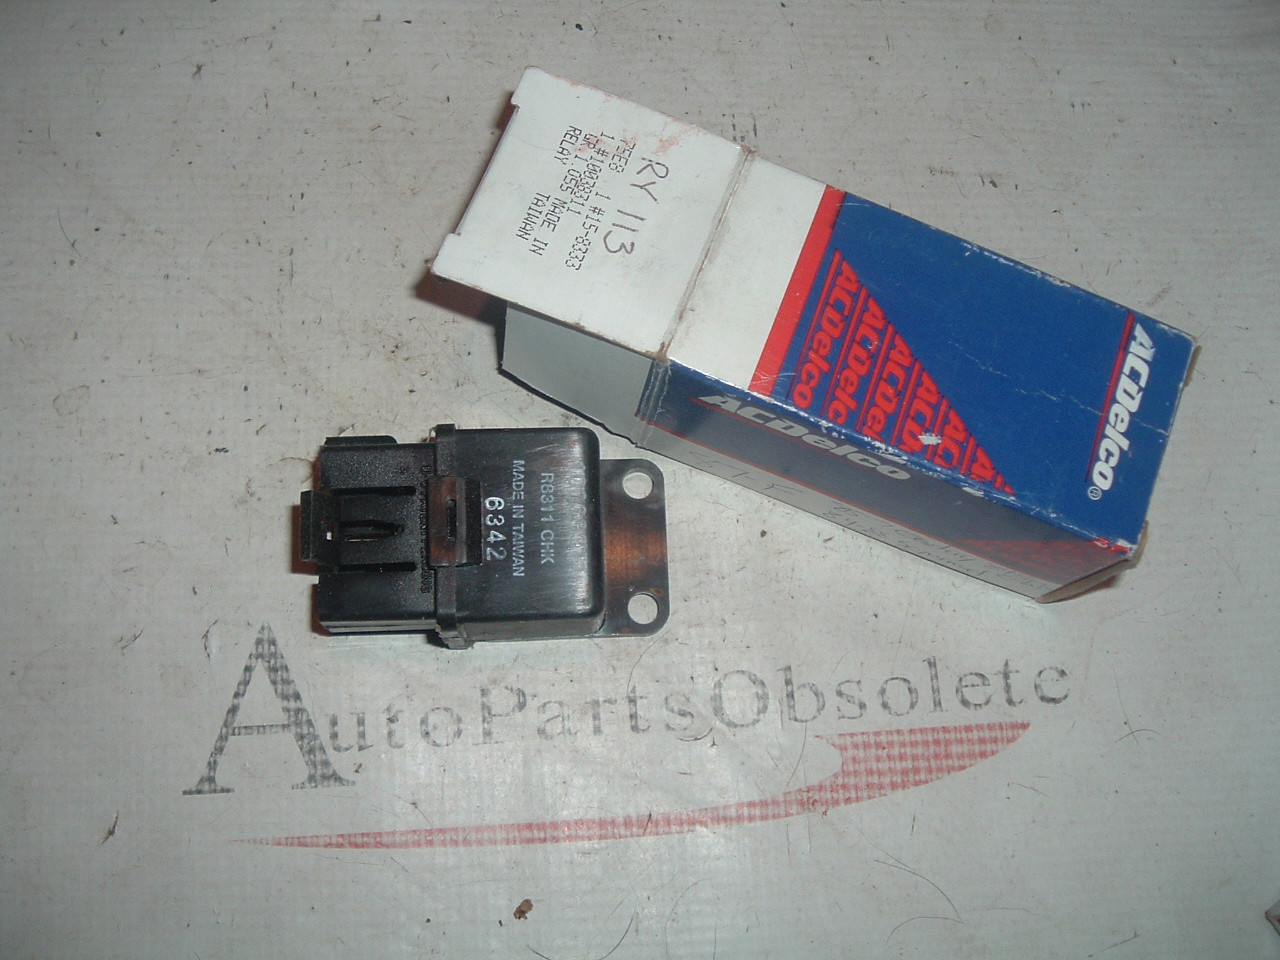 82 84 86 88 chevrolet pontiac buick fan relay # 10038311 (z 10038311)